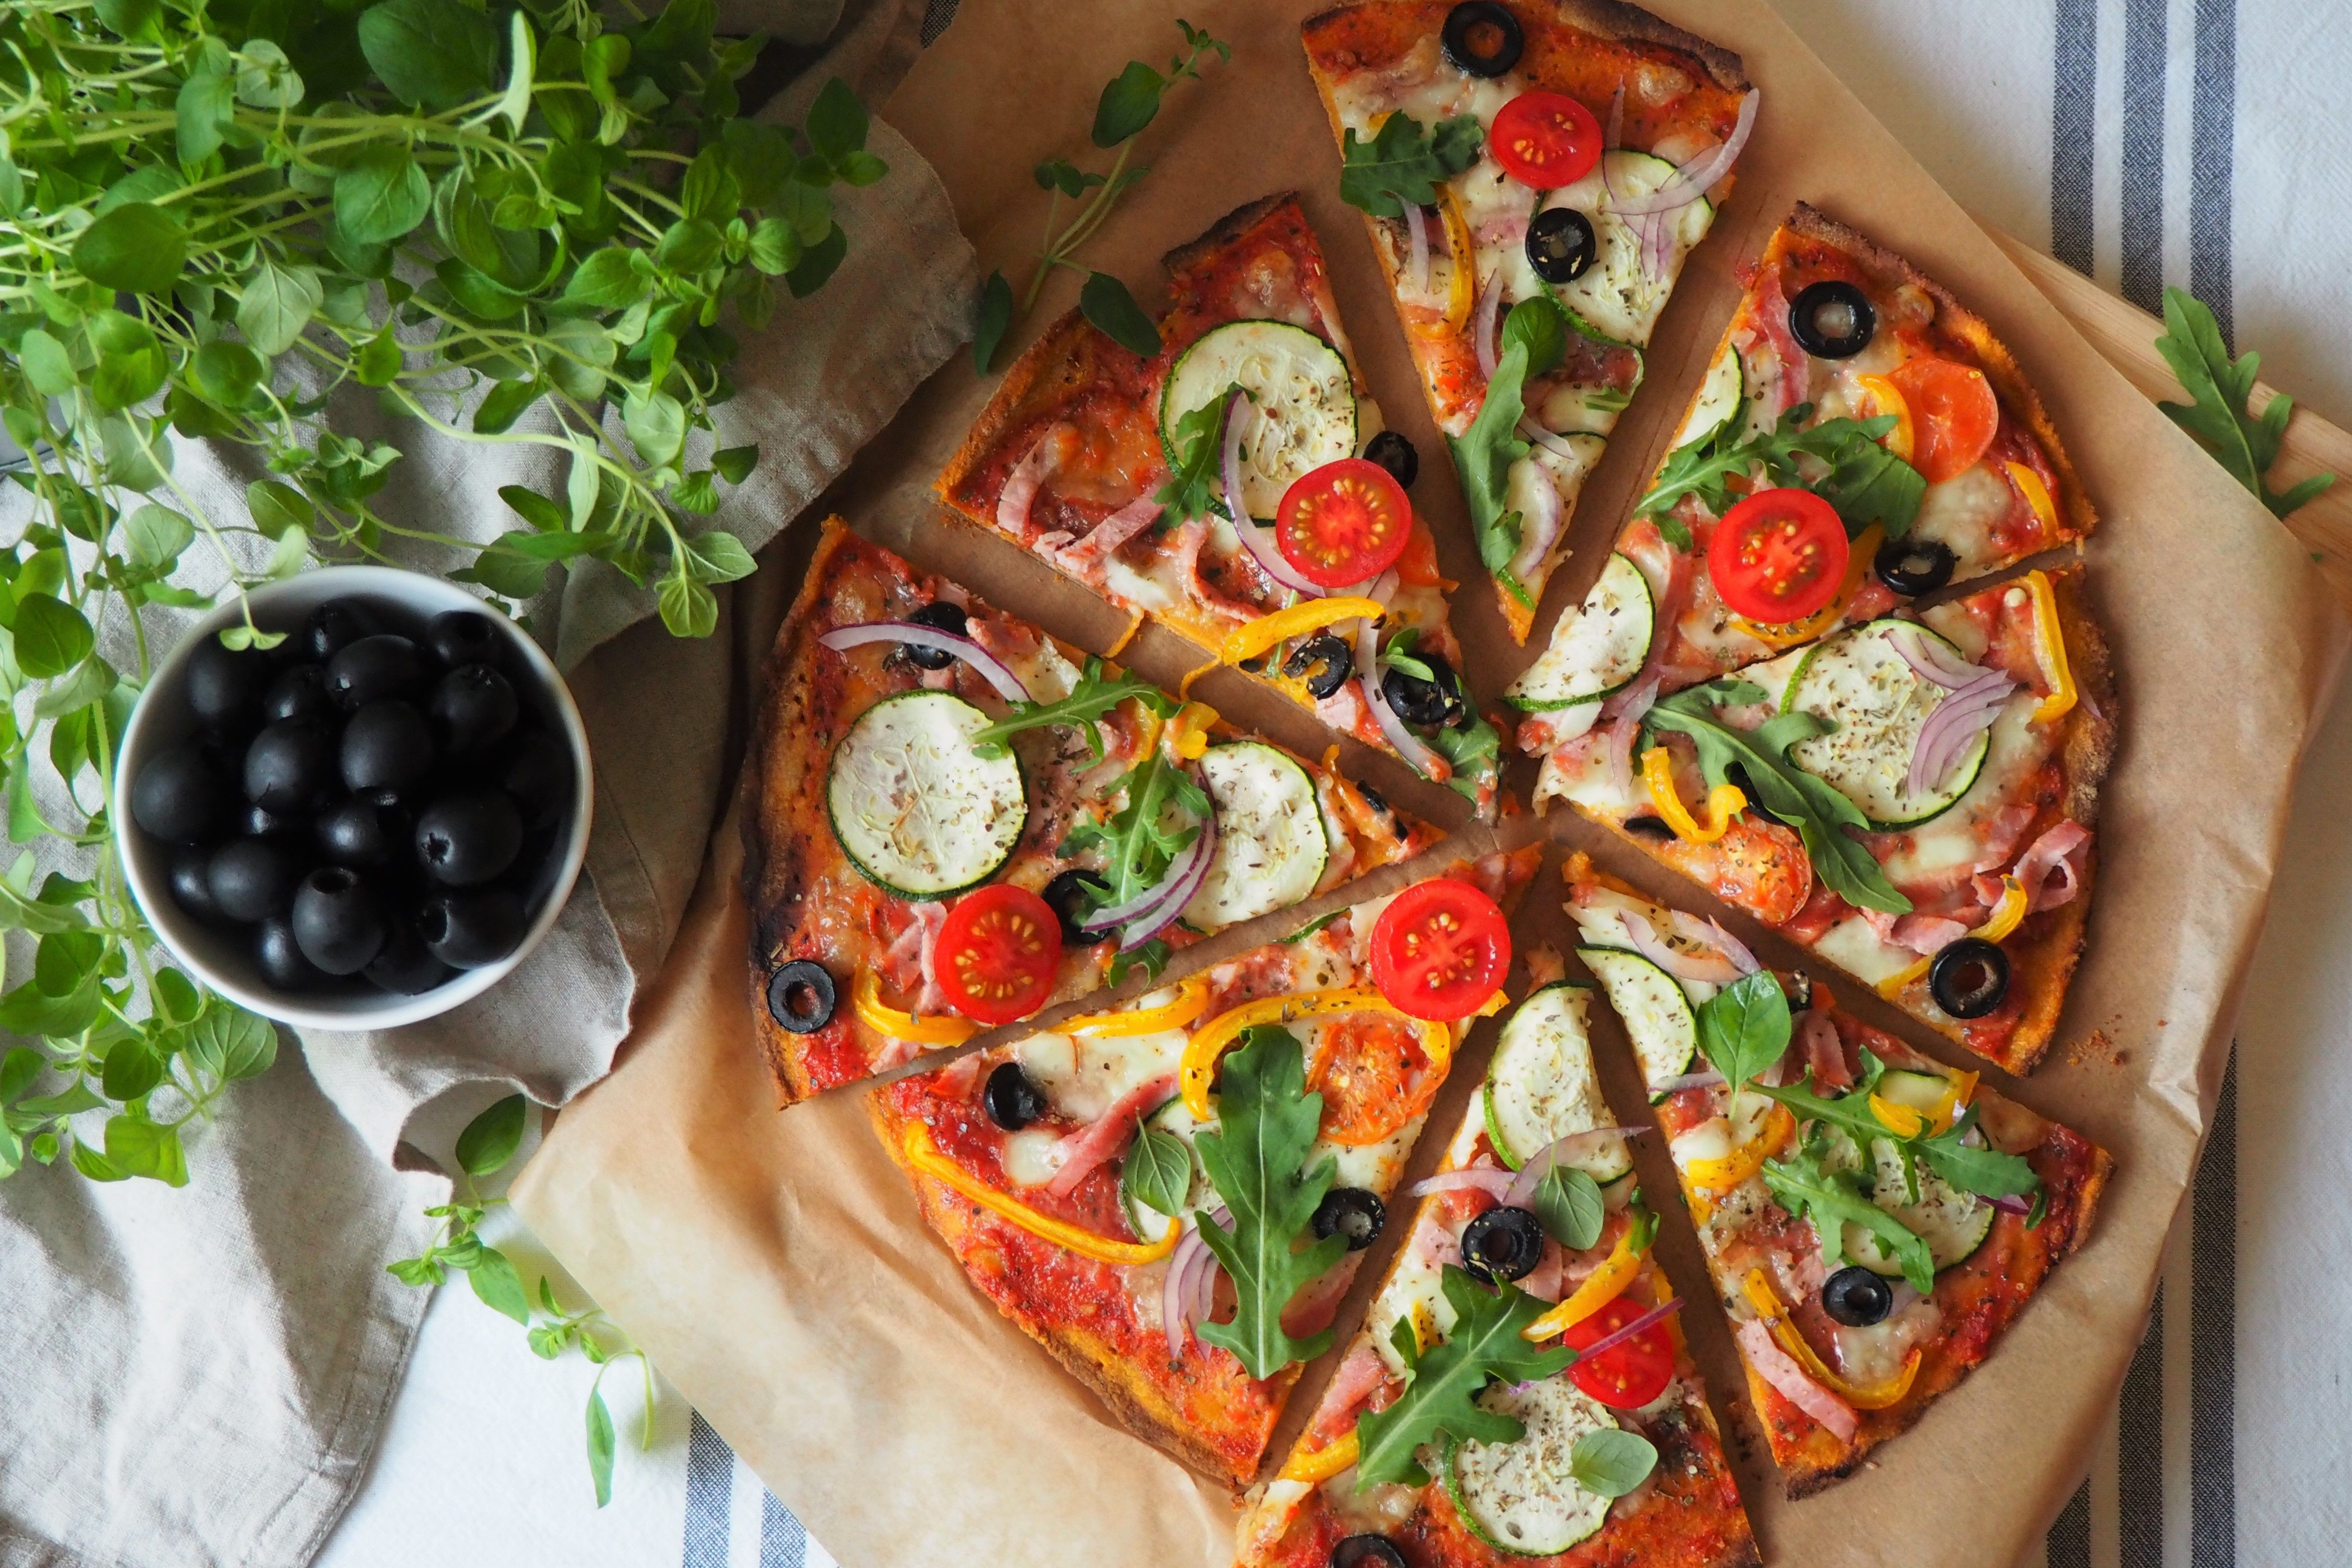 Bezglutenowa Pizza Z Batata I Maki Owsianej To Hit W Mojej Kuchni Poznaj Przepis Na Ta Zdrowa I Pyszna Alternatywe Dla Klasyczne Food Inspiration Food Cooking